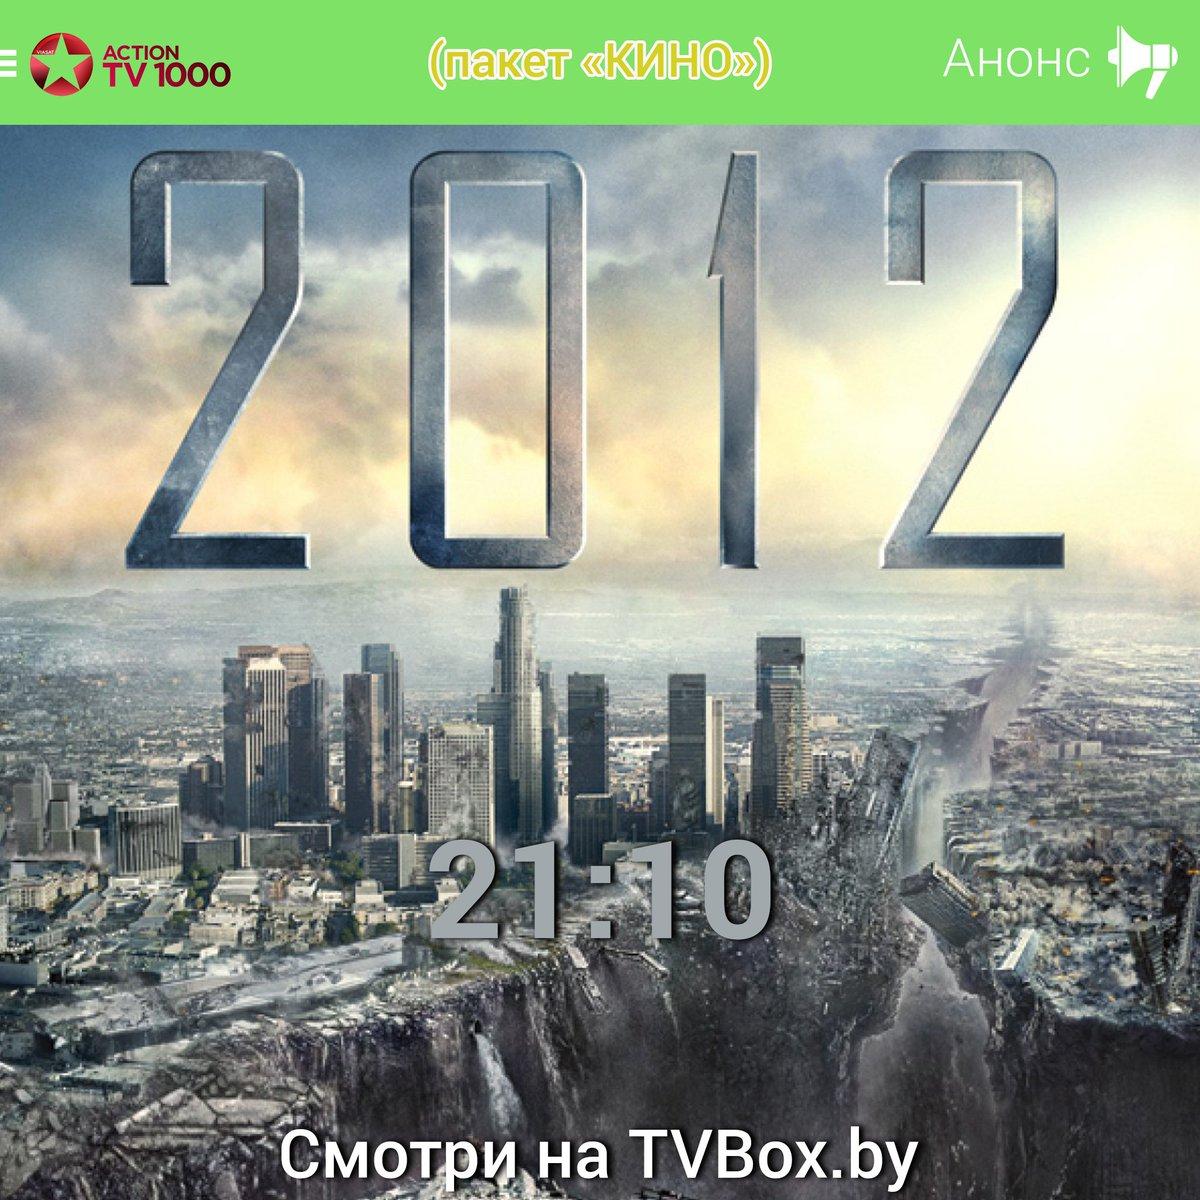 tv 1000 action программа